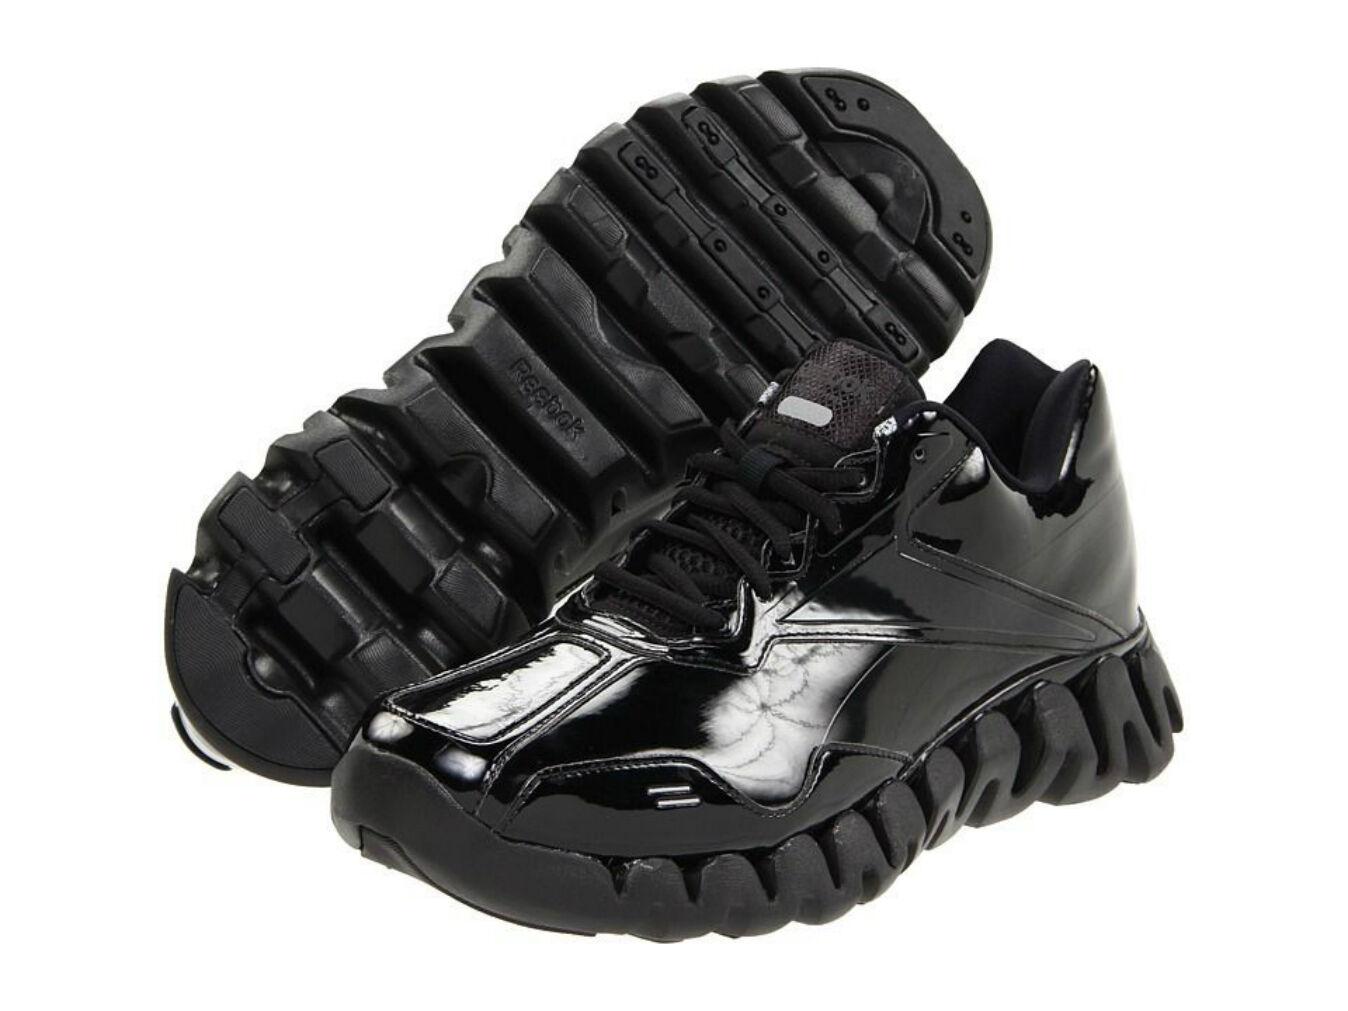 87ca253b591773 Reebok Zig Energy Ref Referee Shoe Sneaker Black Patent NEW SIZE 12 фото